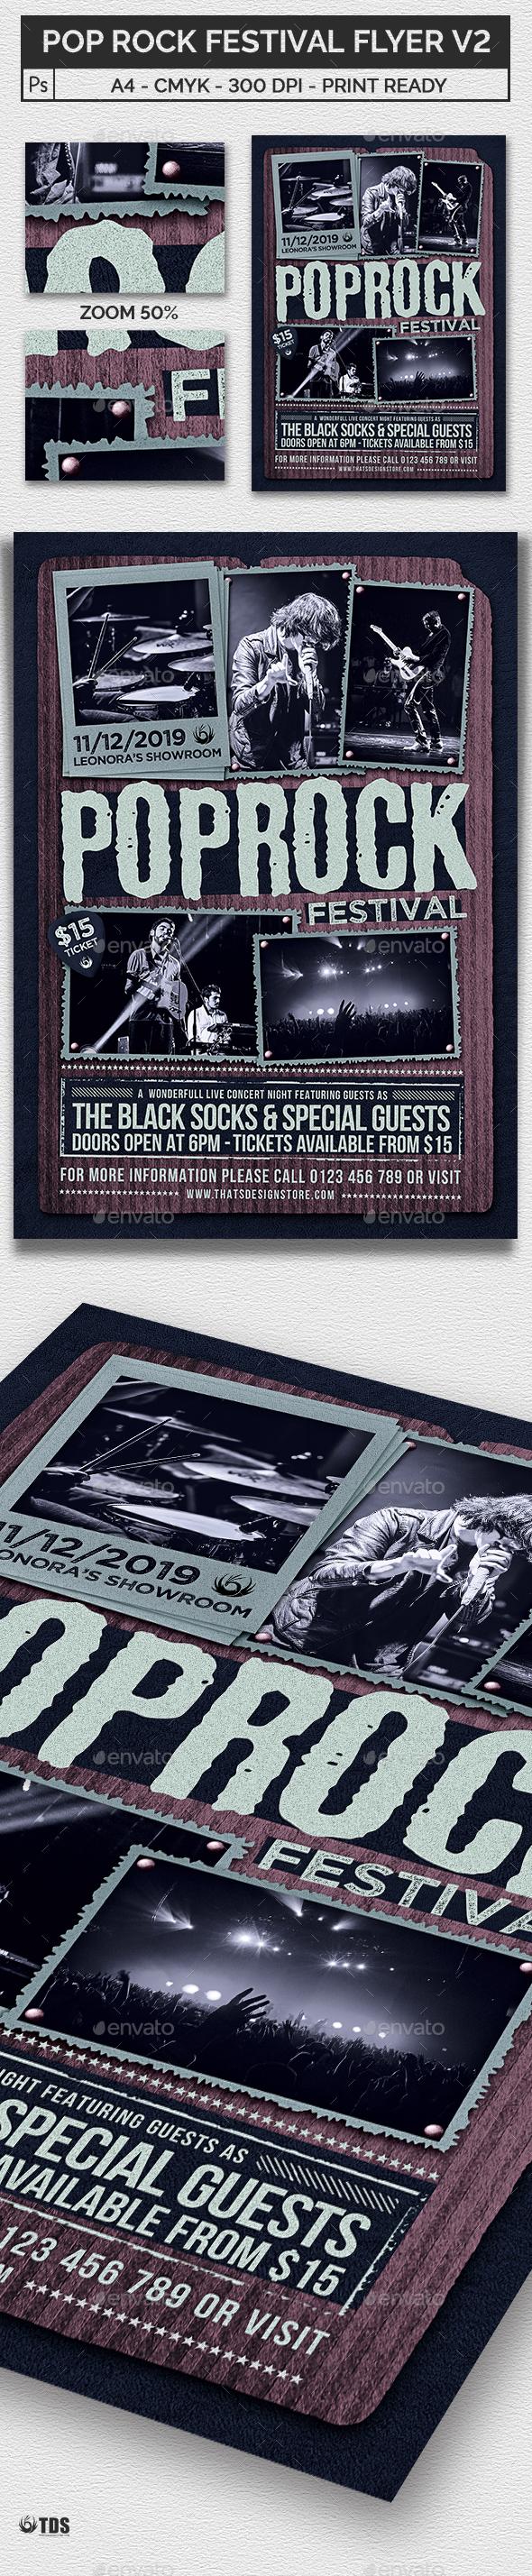 Pop Rock Festival Flyer Template V2 - Concerts Events